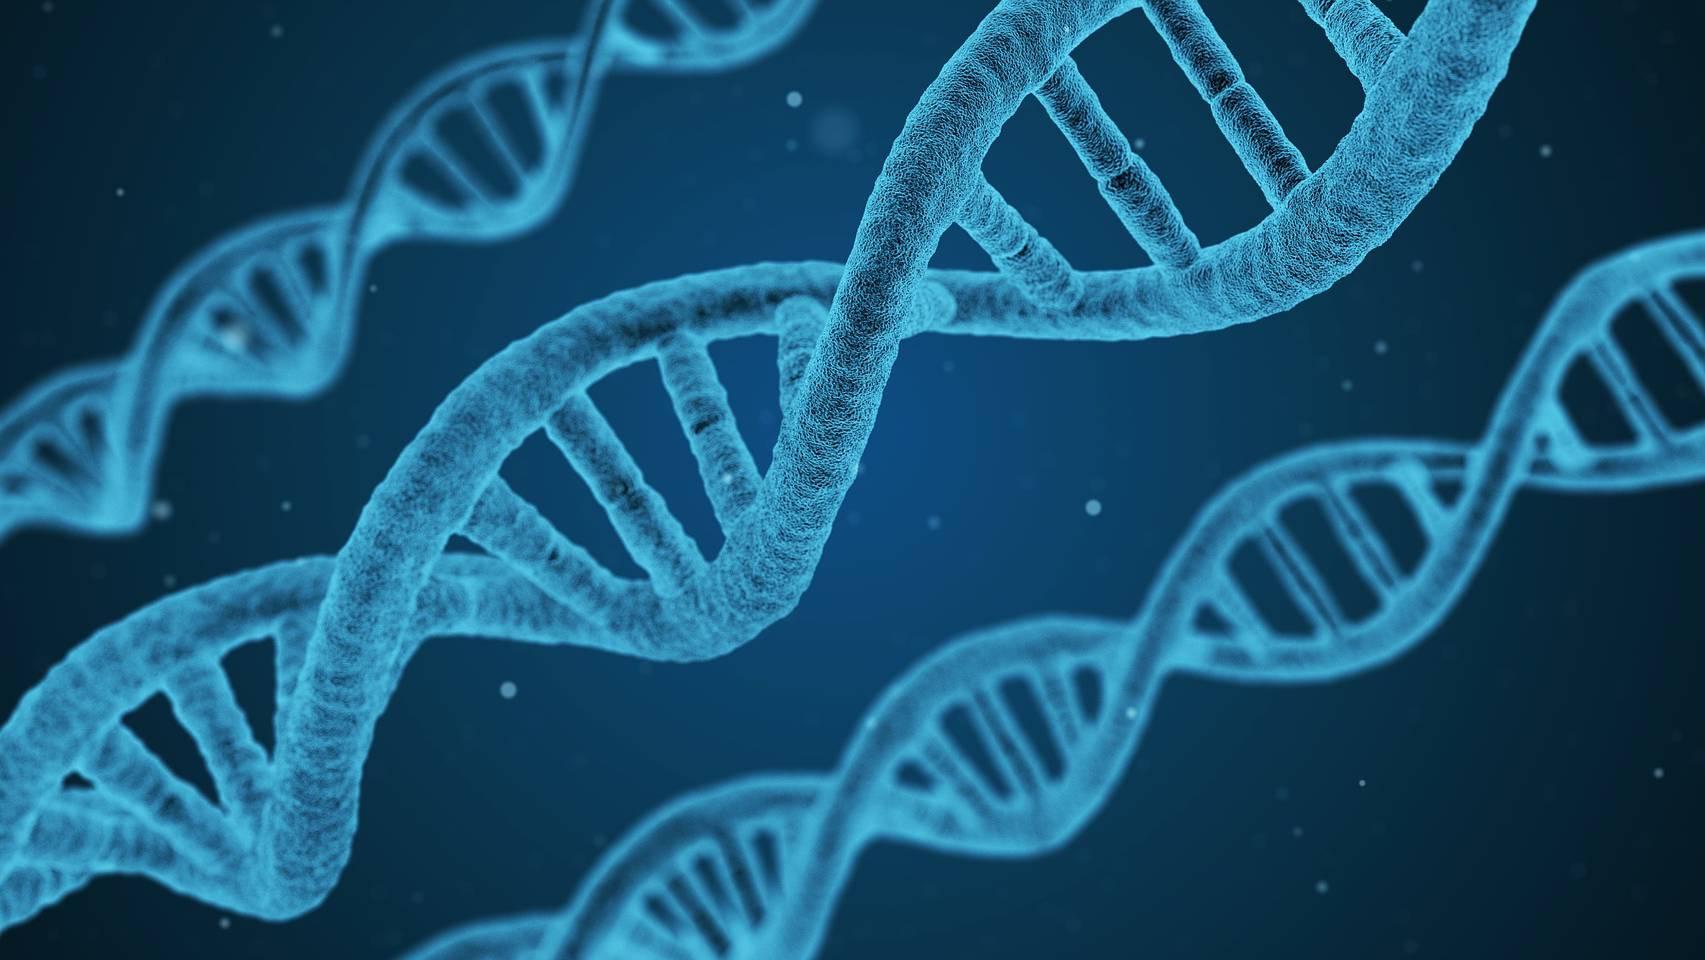 DNA-Spuren sollen gezielter ausgewertet werden